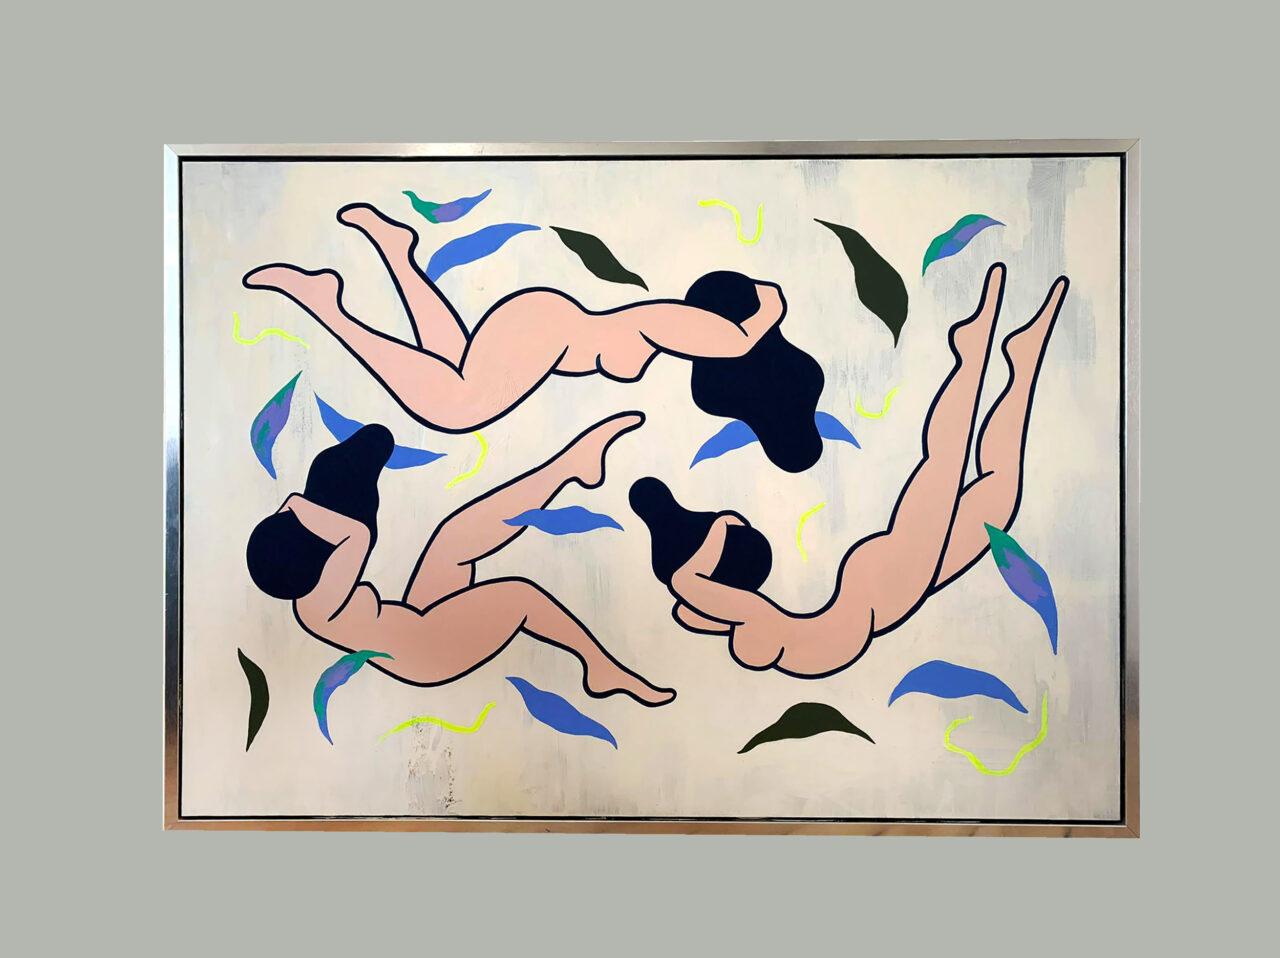 Acrylic on canvas, 100 x 80 cm, 2020